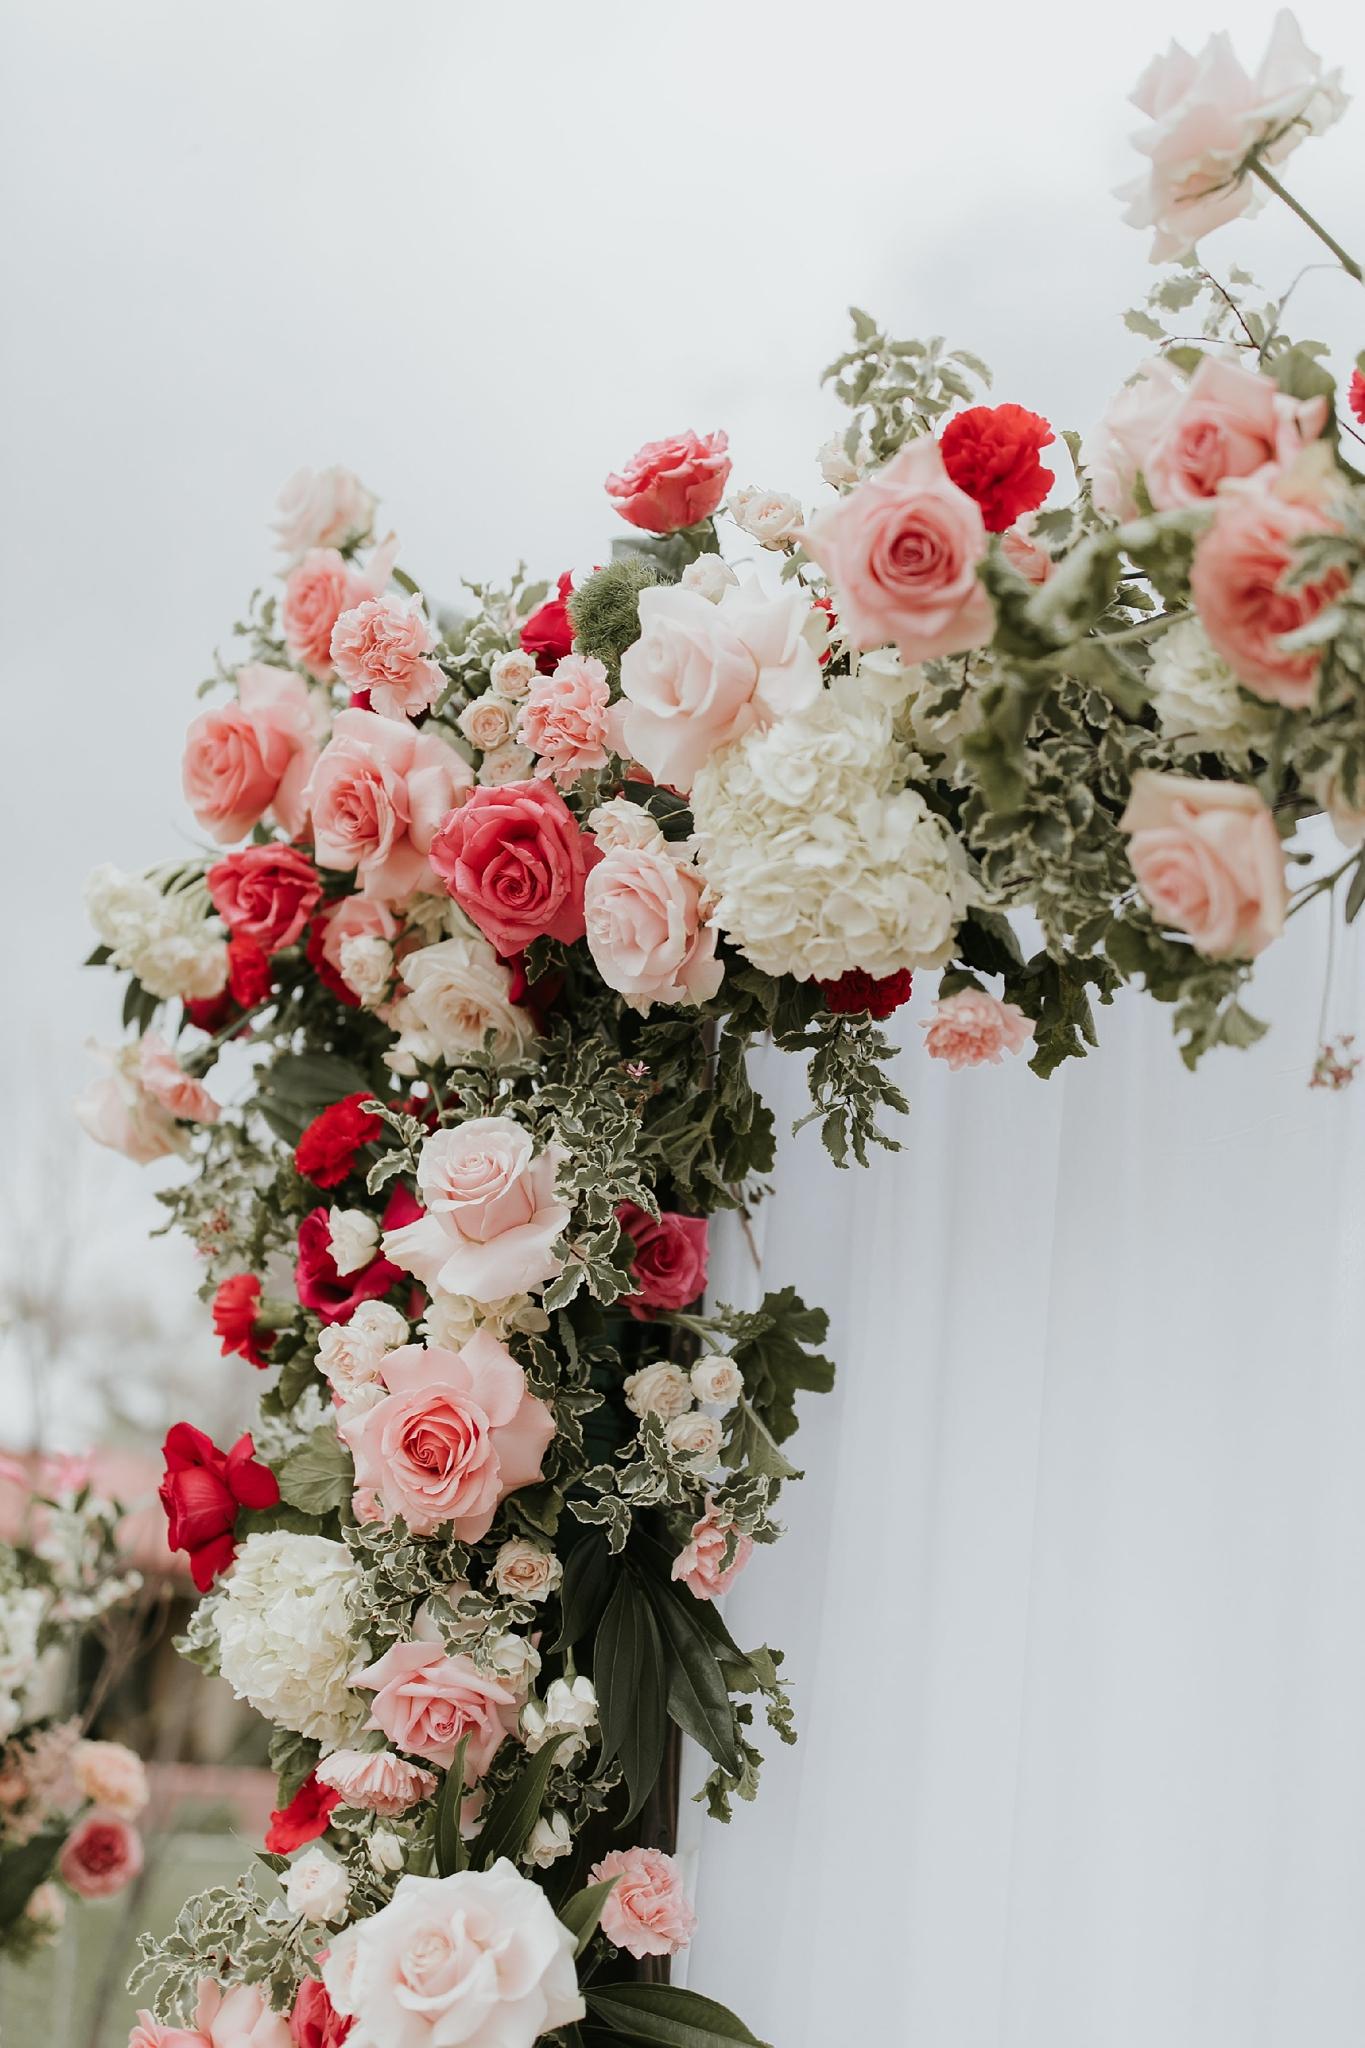 Alicia+lucia+photography+-+albuquerque+wedding+photographer+-+santa+fe+wedding+photography+-+new+mexico+wedding+photographer+-+wedding+ceremony+-+wedding+alter+-+floral+alter_0063.jpg